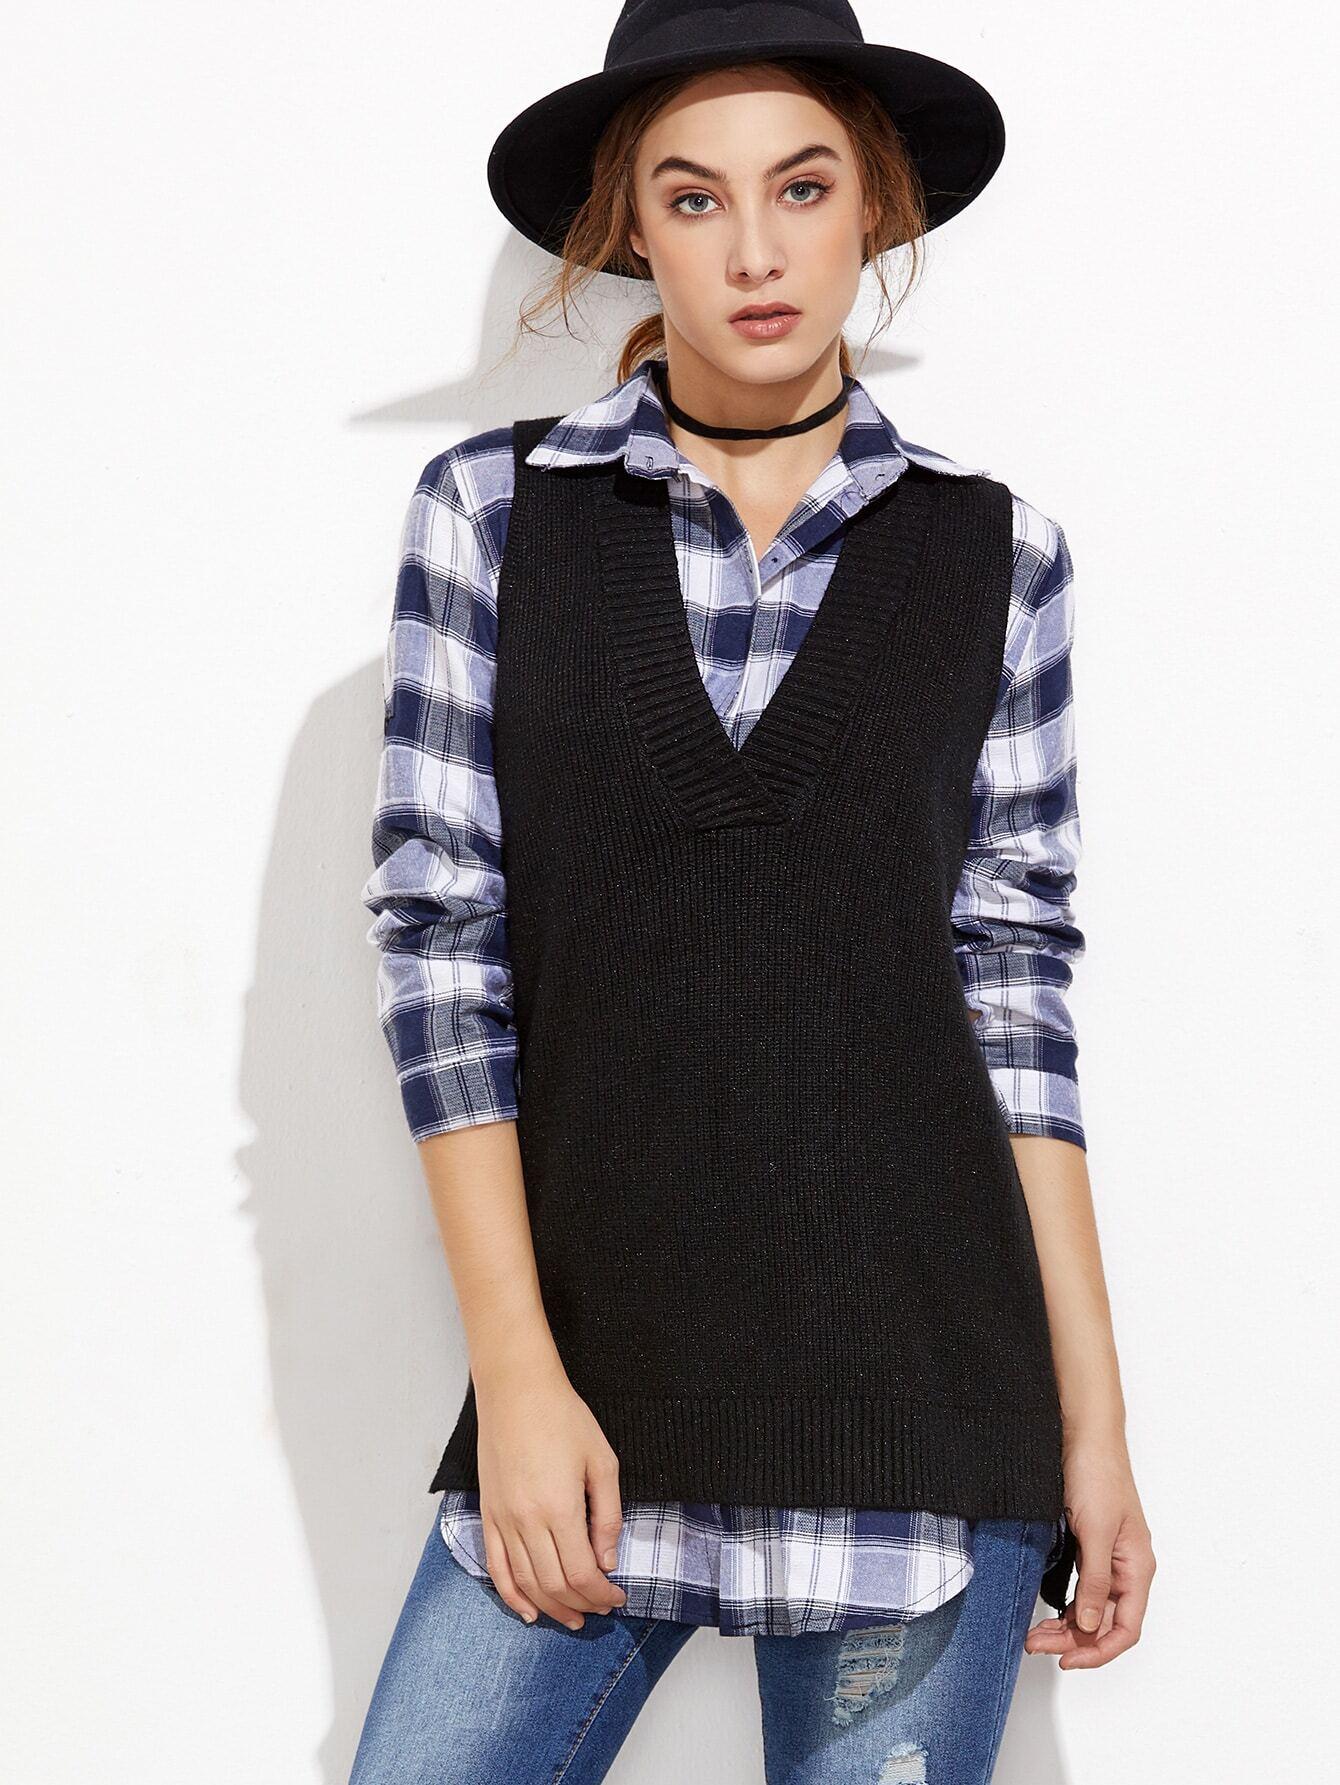 Black V Neck Slit Side High Low Sweater Vest sweater161101105